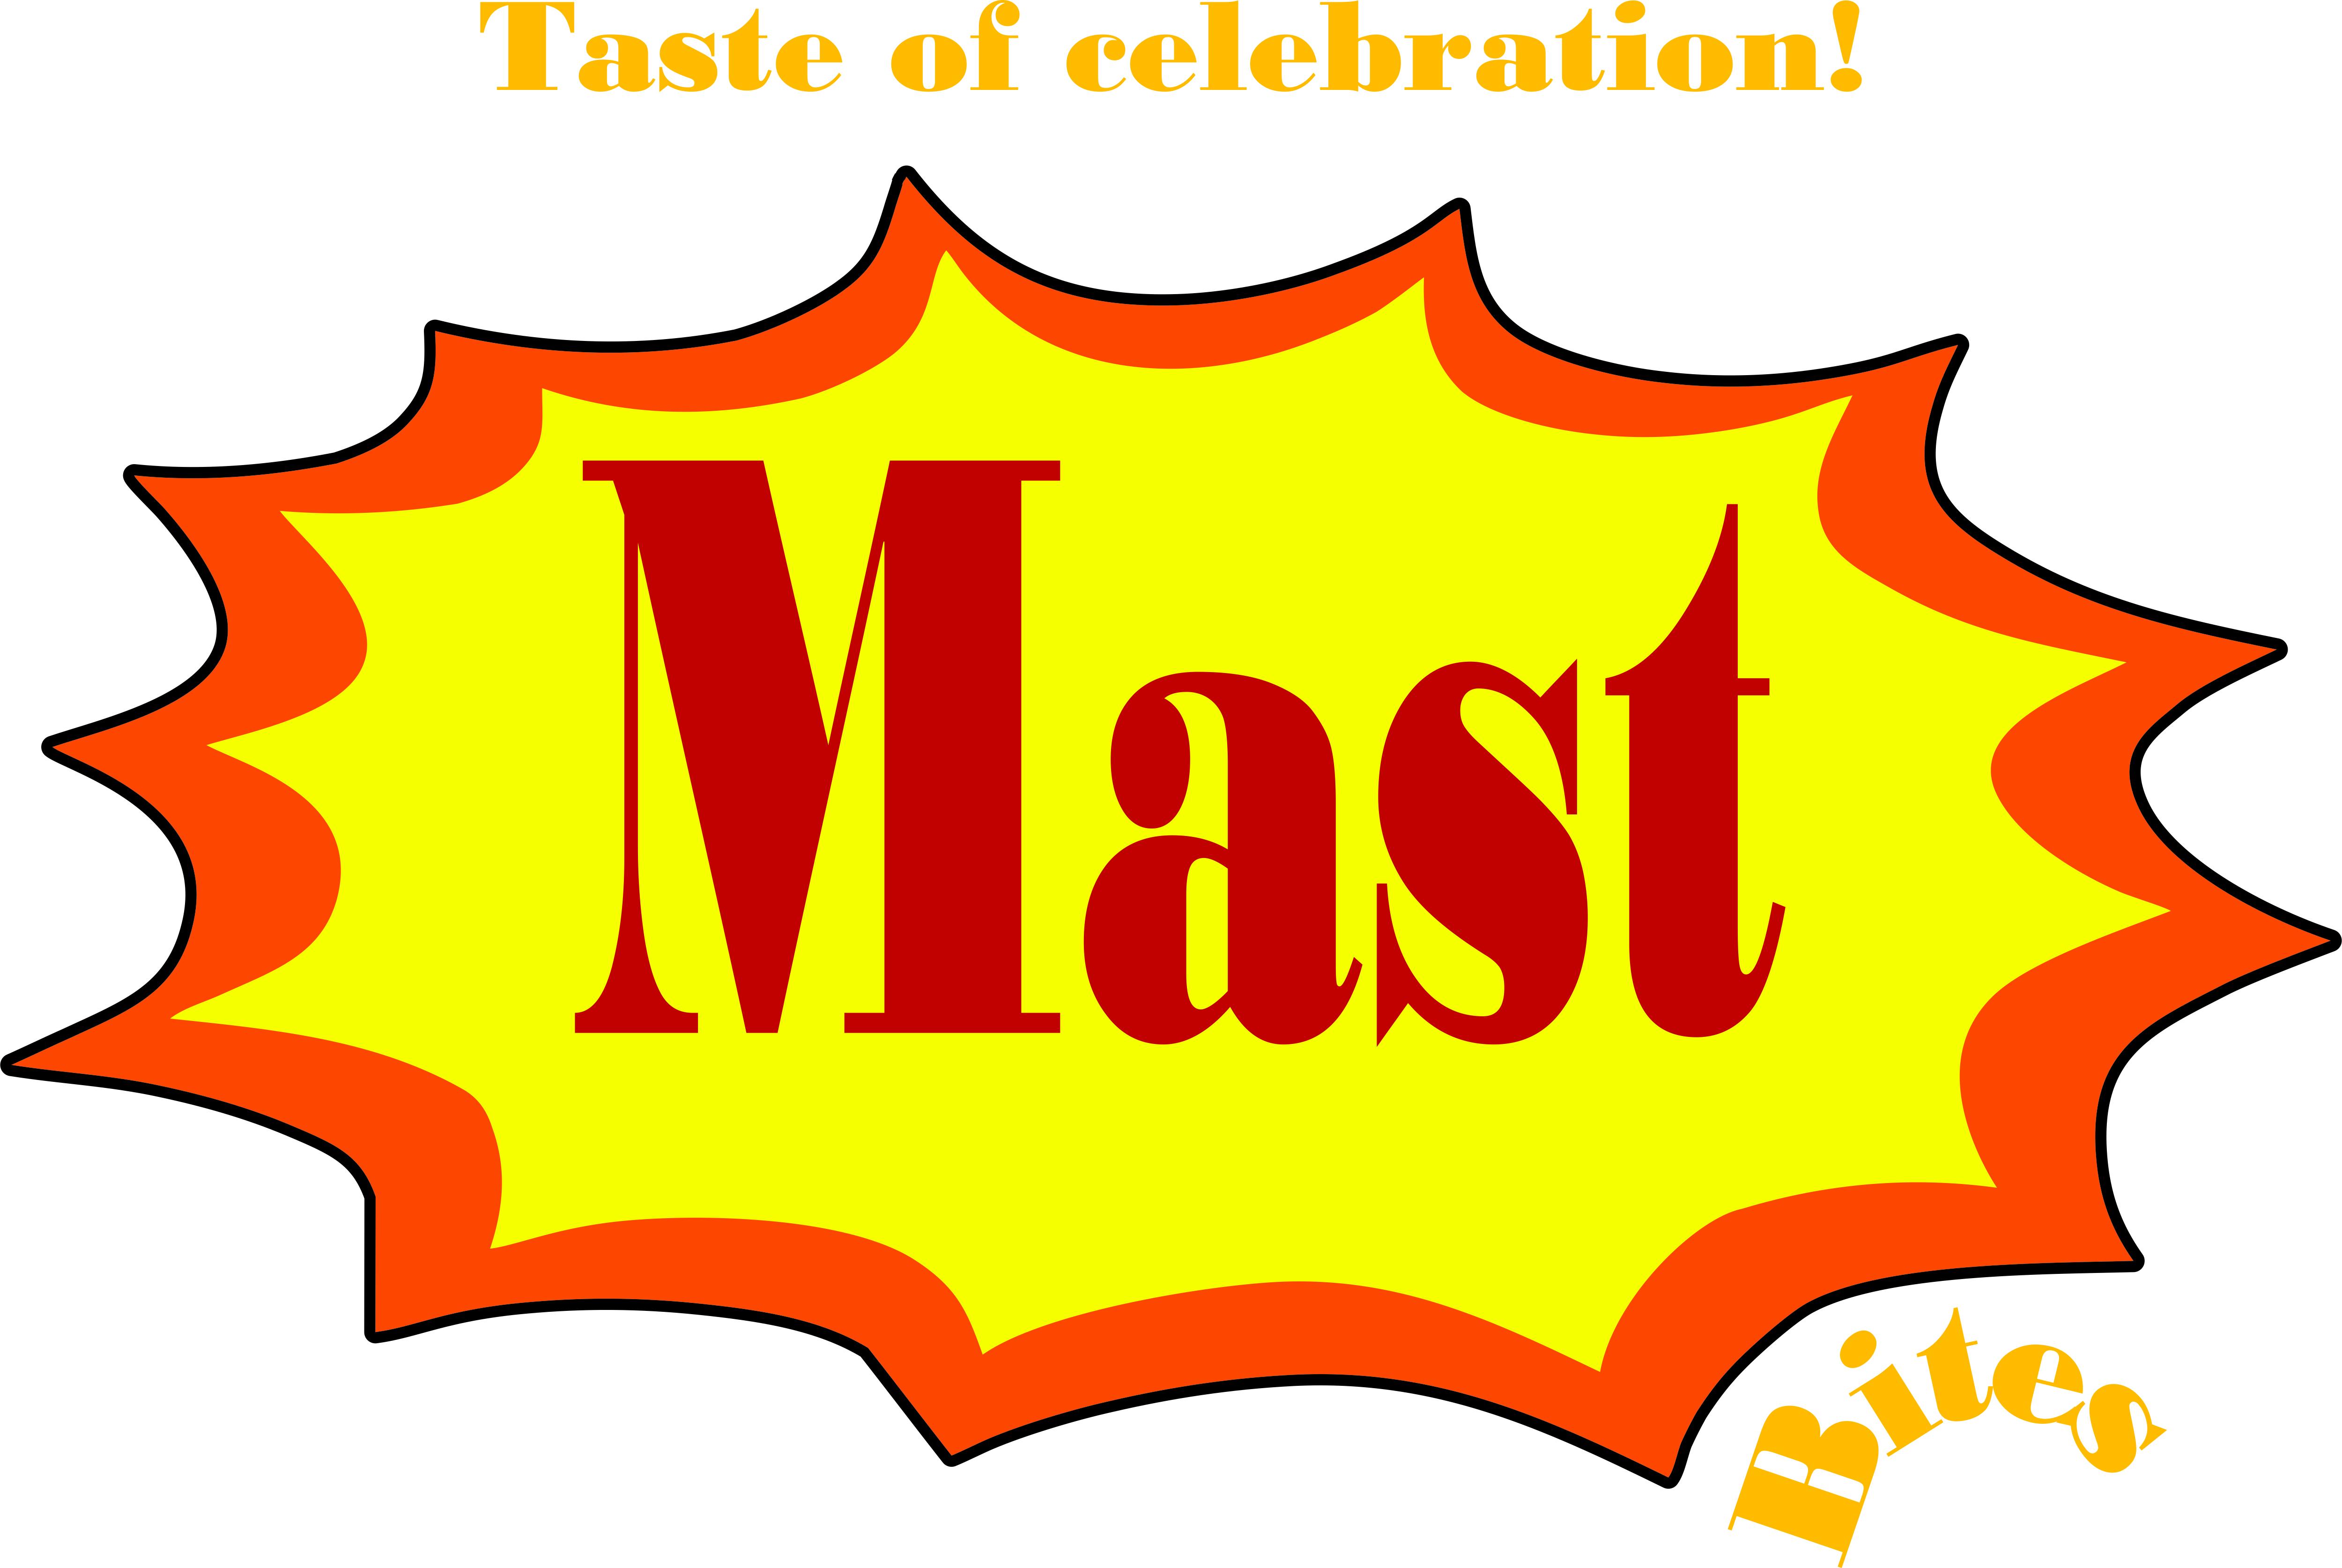 Mast Bites